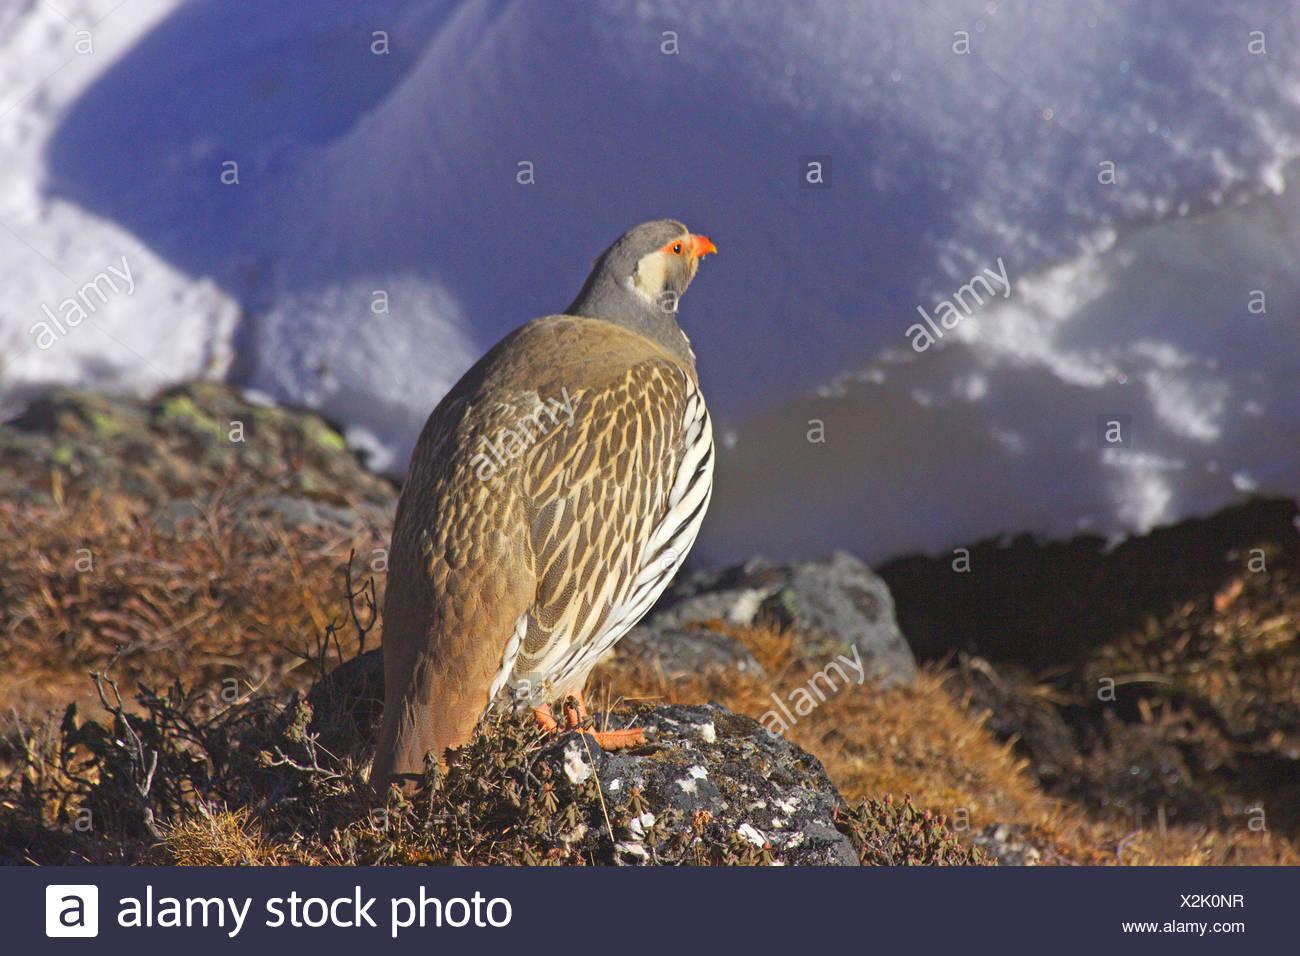 ptarmigan near Dzongla, Nepal, Himalaya, Khumbu Himal - Stock Image